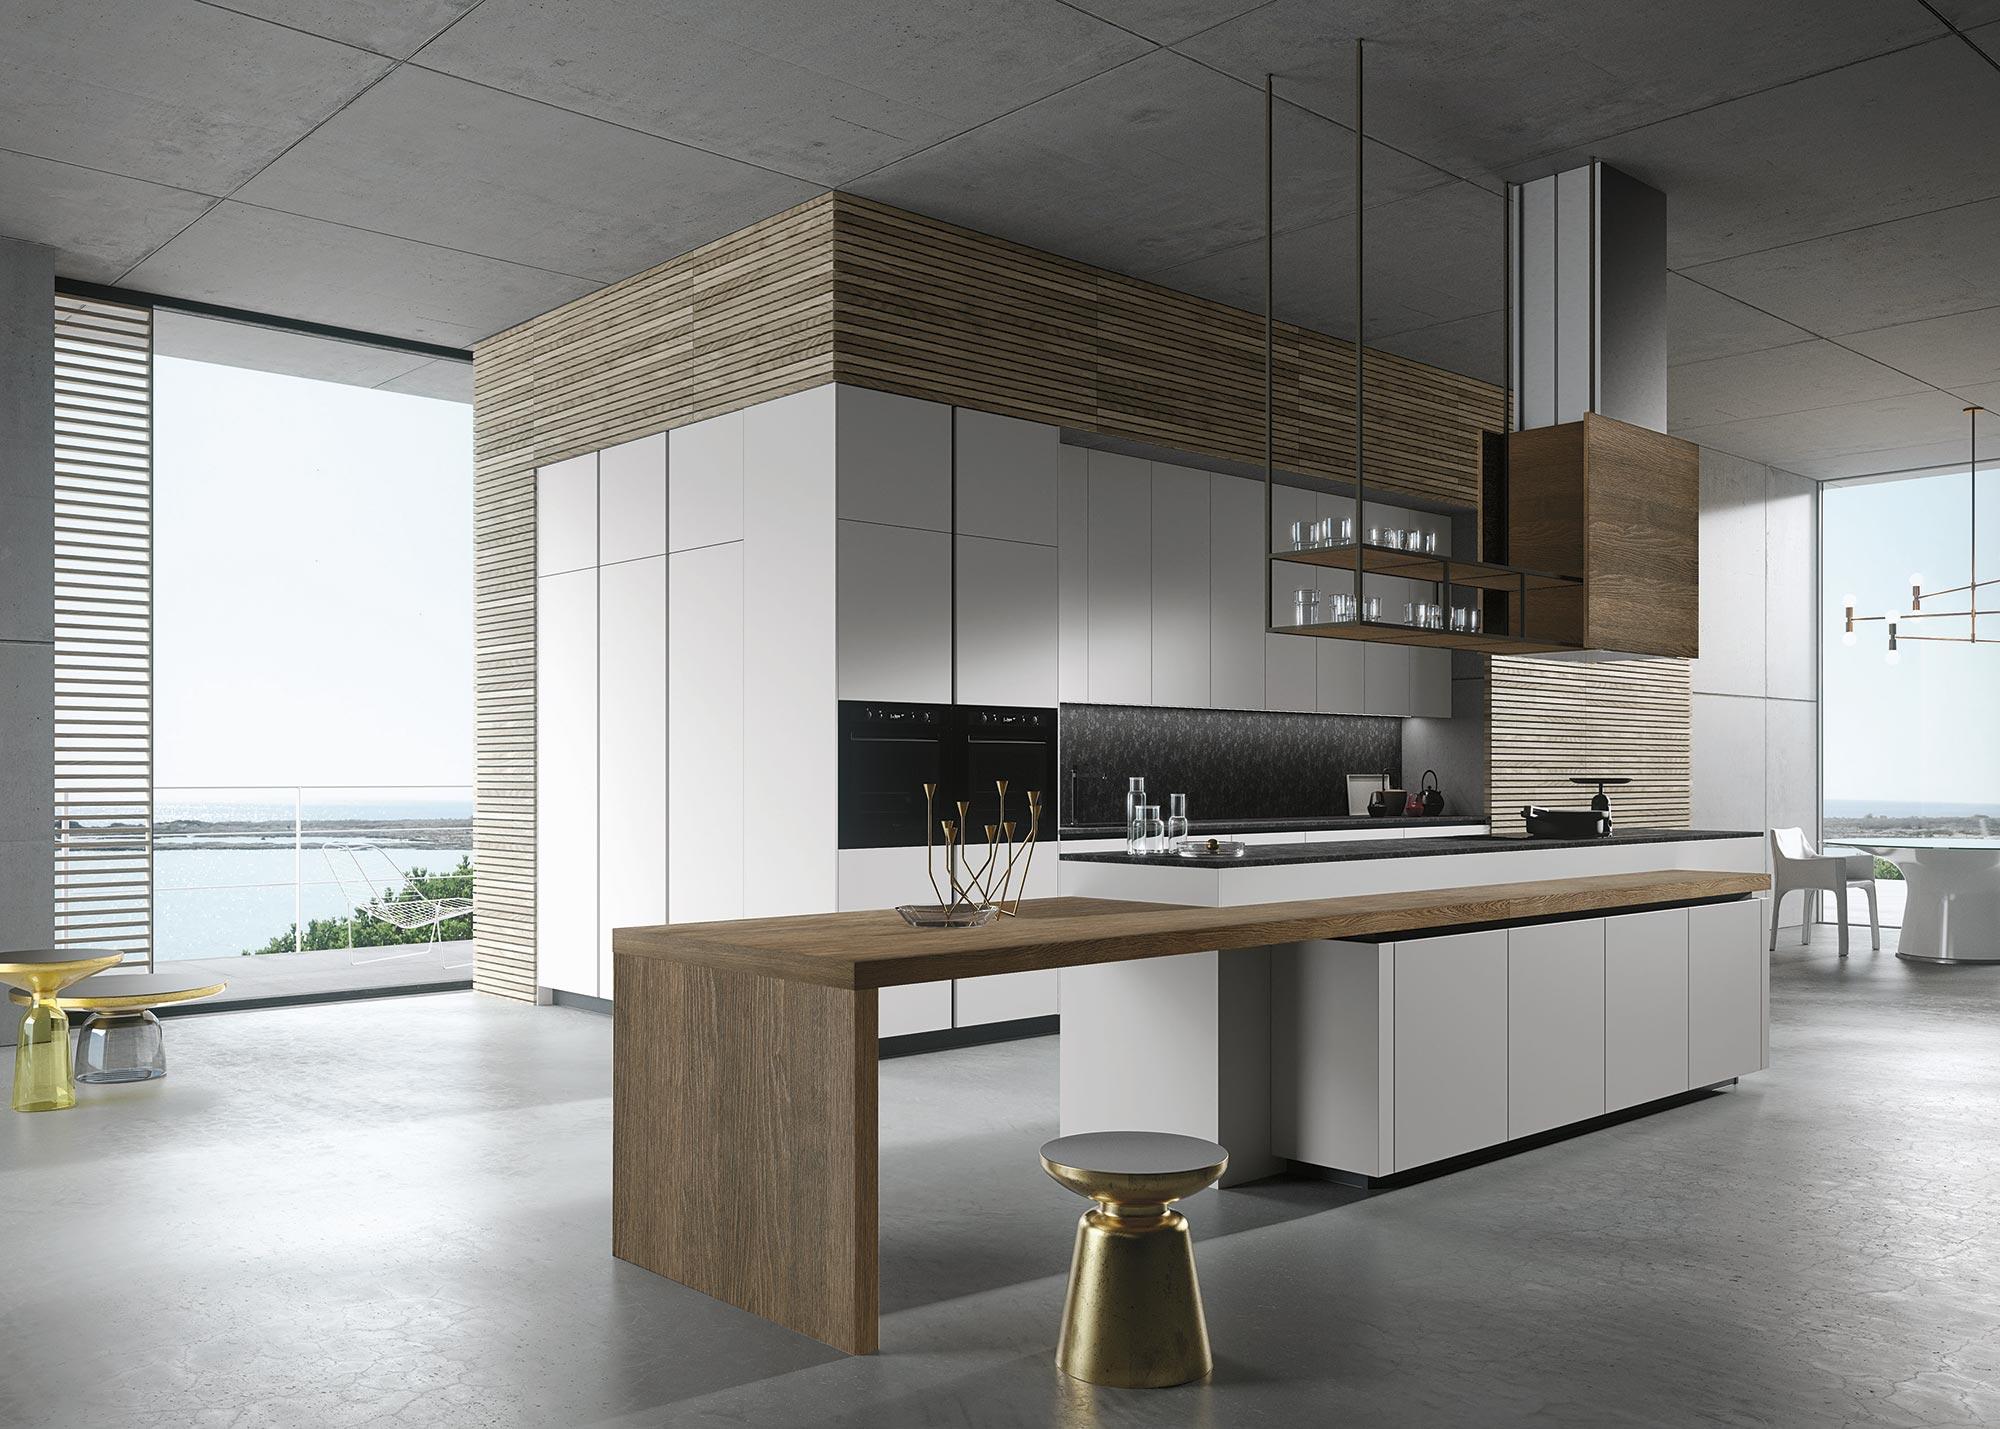 Cucine moderne eleganza sartoriale e contaminazione - Design cucine moderne ...